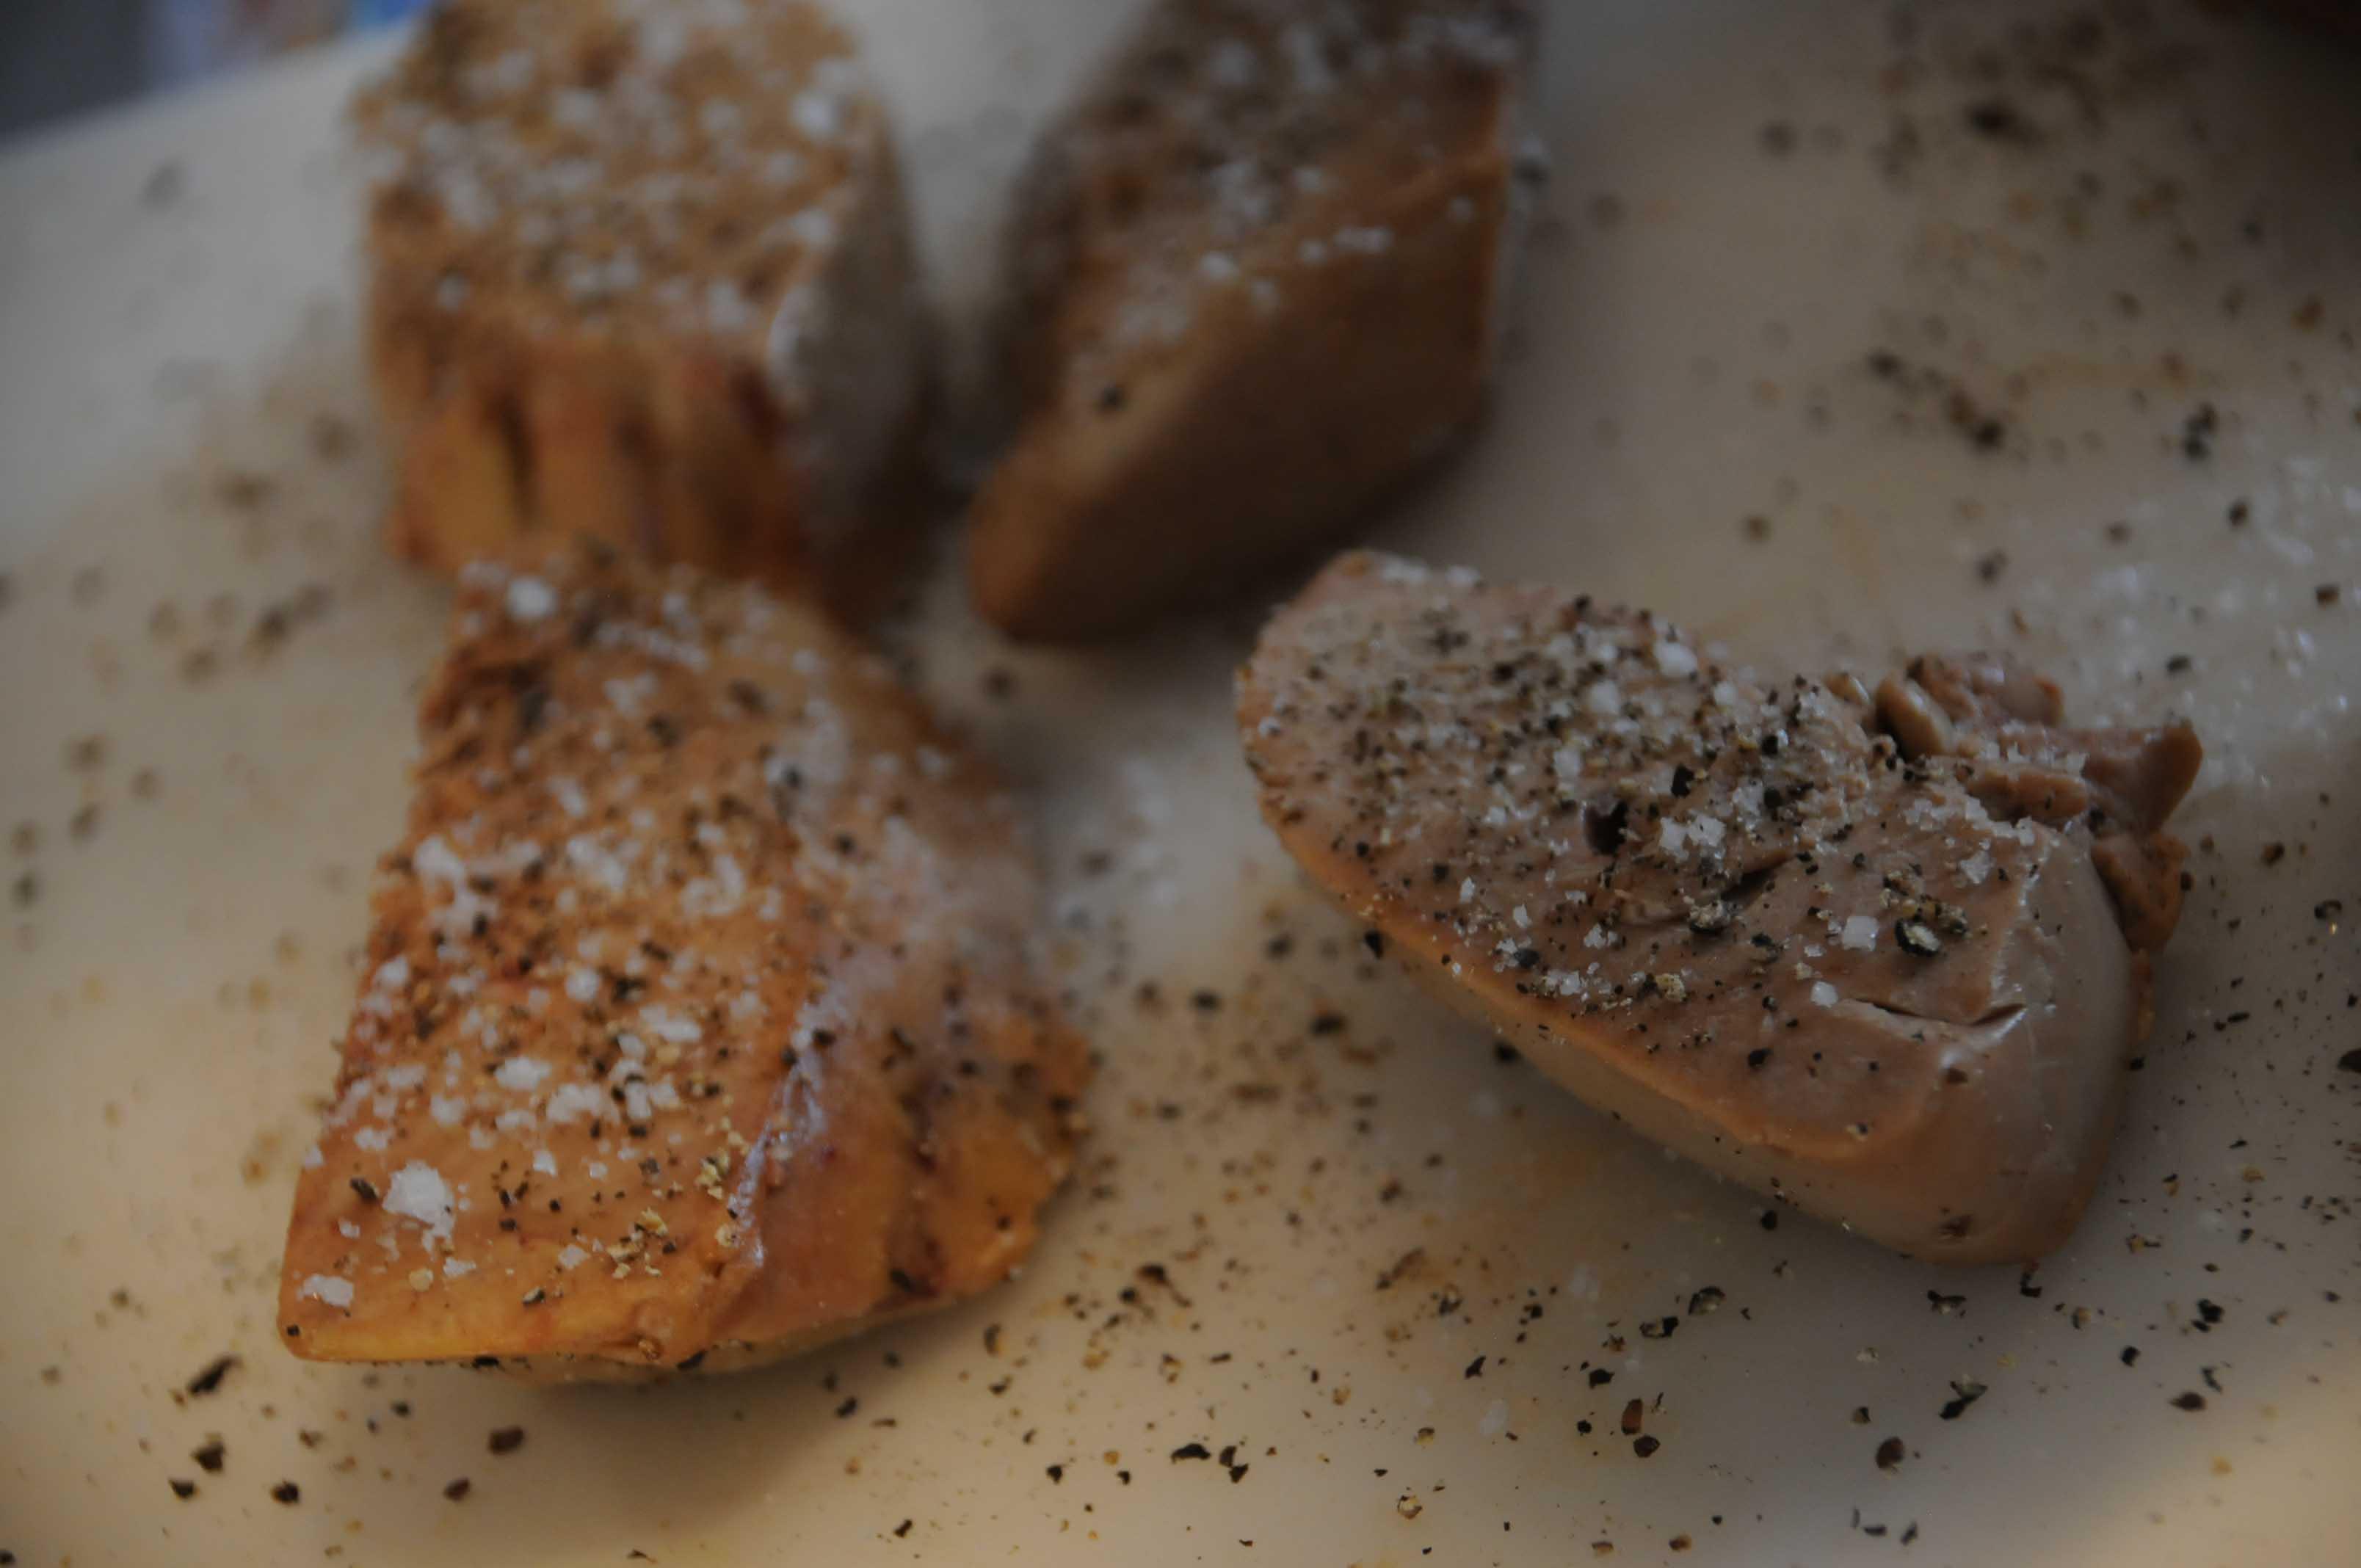 Dodine pigeon foie gras recette de chef cuisson basse temp rature - Temperature cuisson foie gras ...